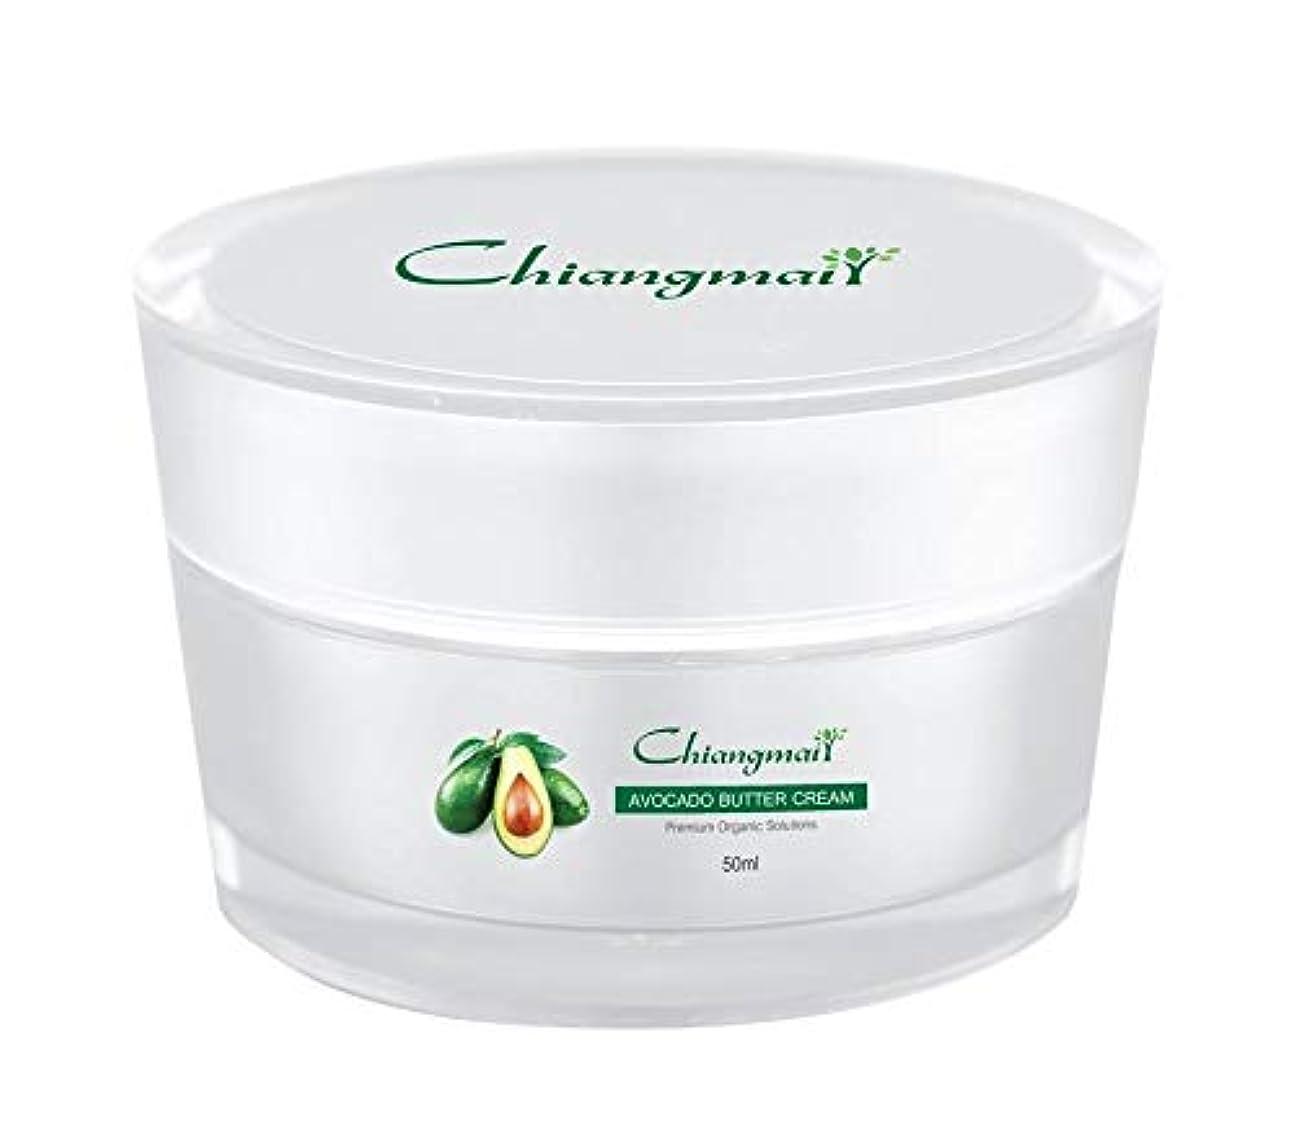 カップル免疫銀河Chiangmaii チェンマイ アボカドバタークリーム